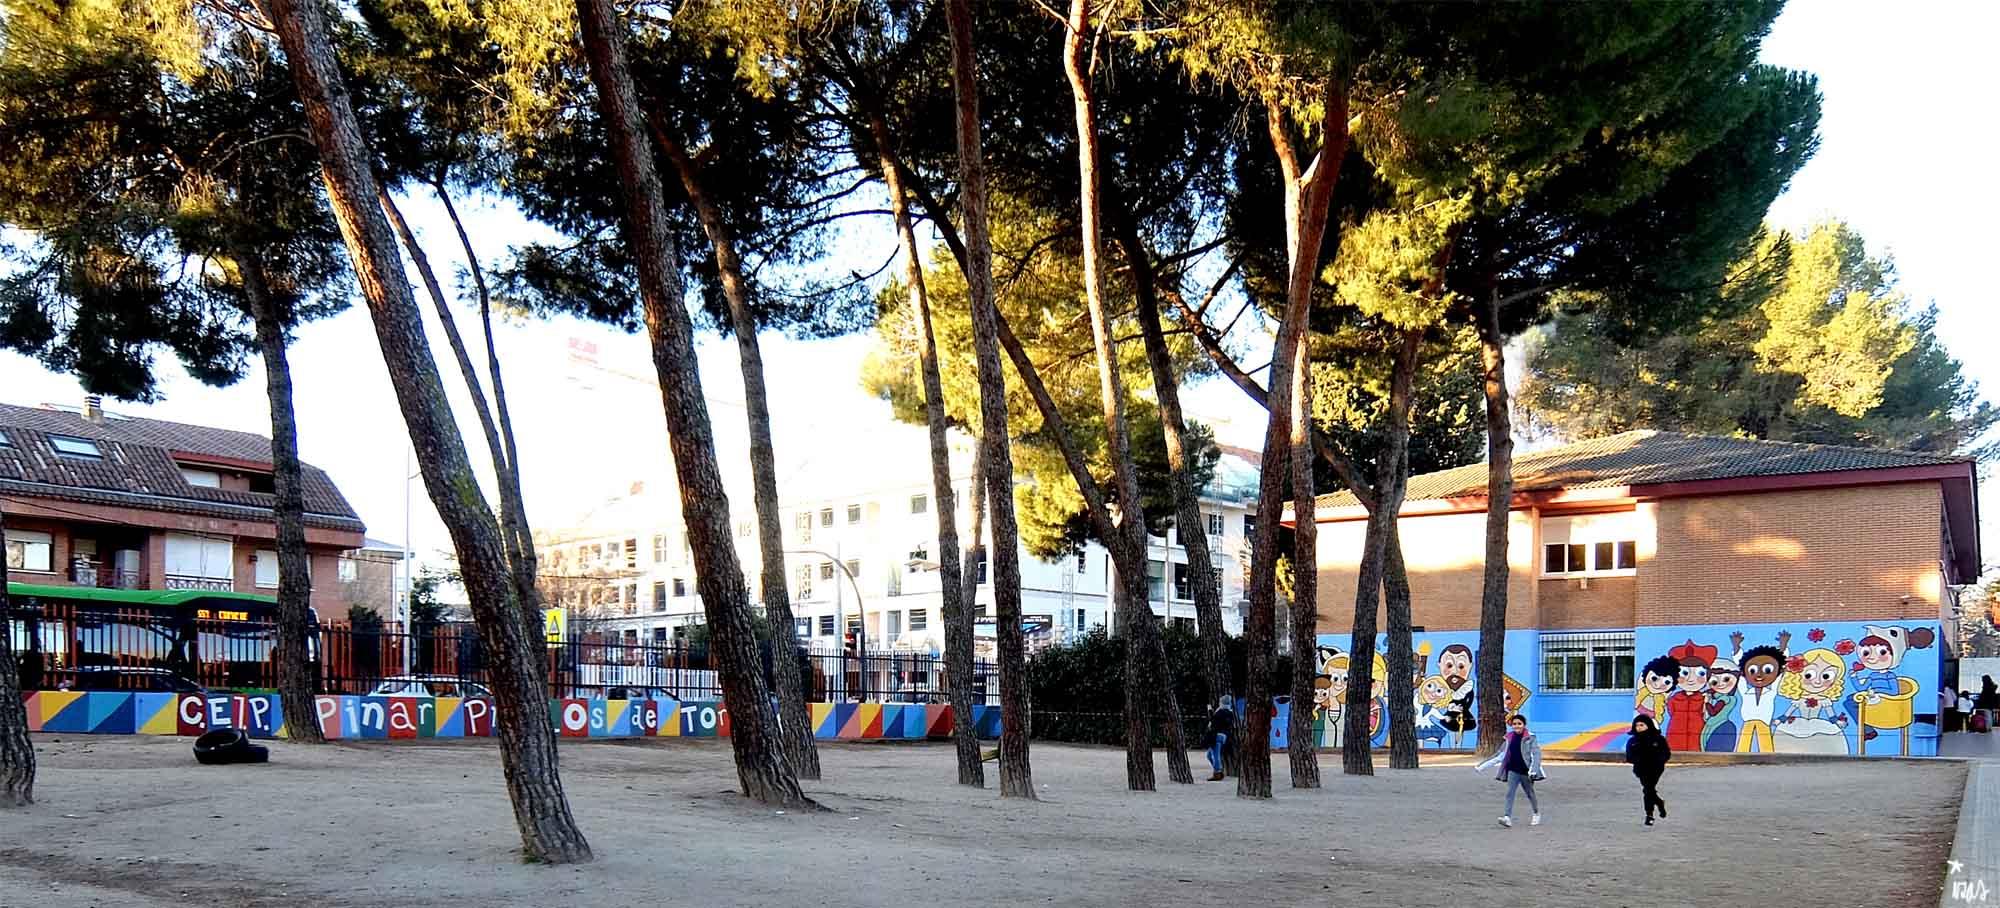 mural izas pinar prados muros 2